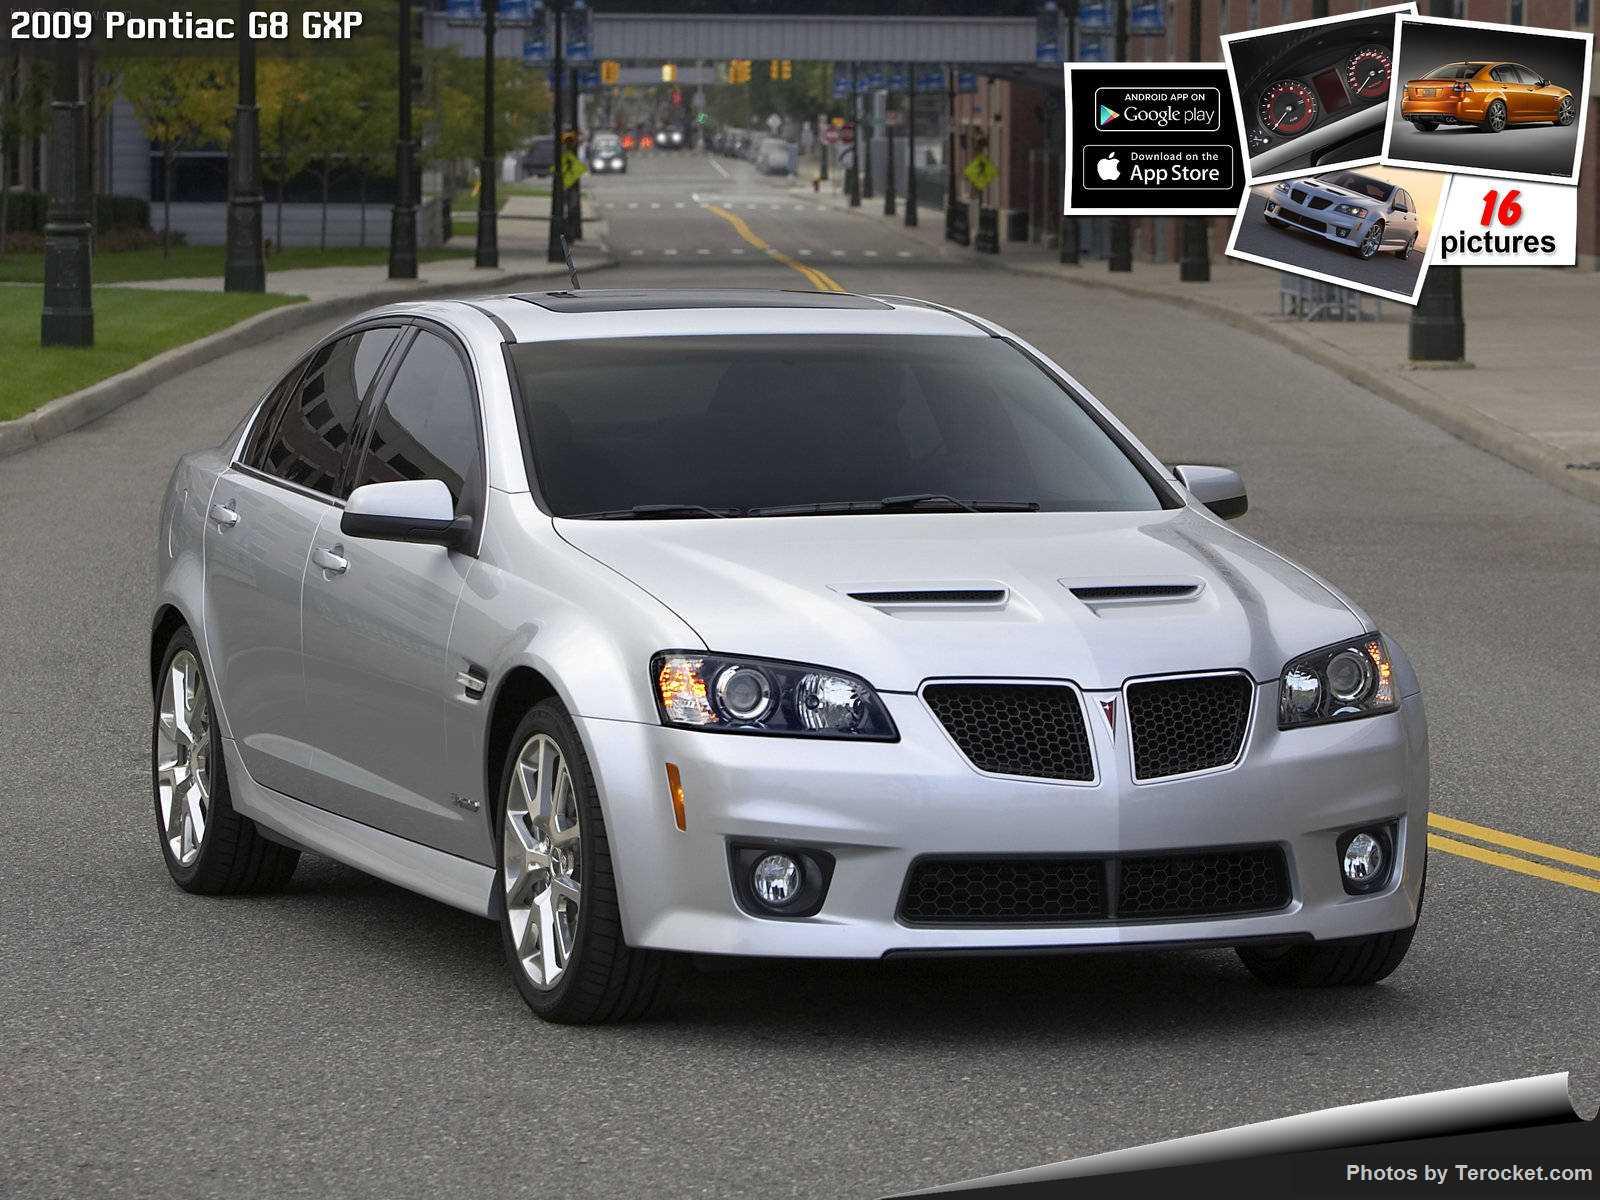 Hình ảnh xe ô tô Pontiac G8 GXP 2009 & nội ngoại thất